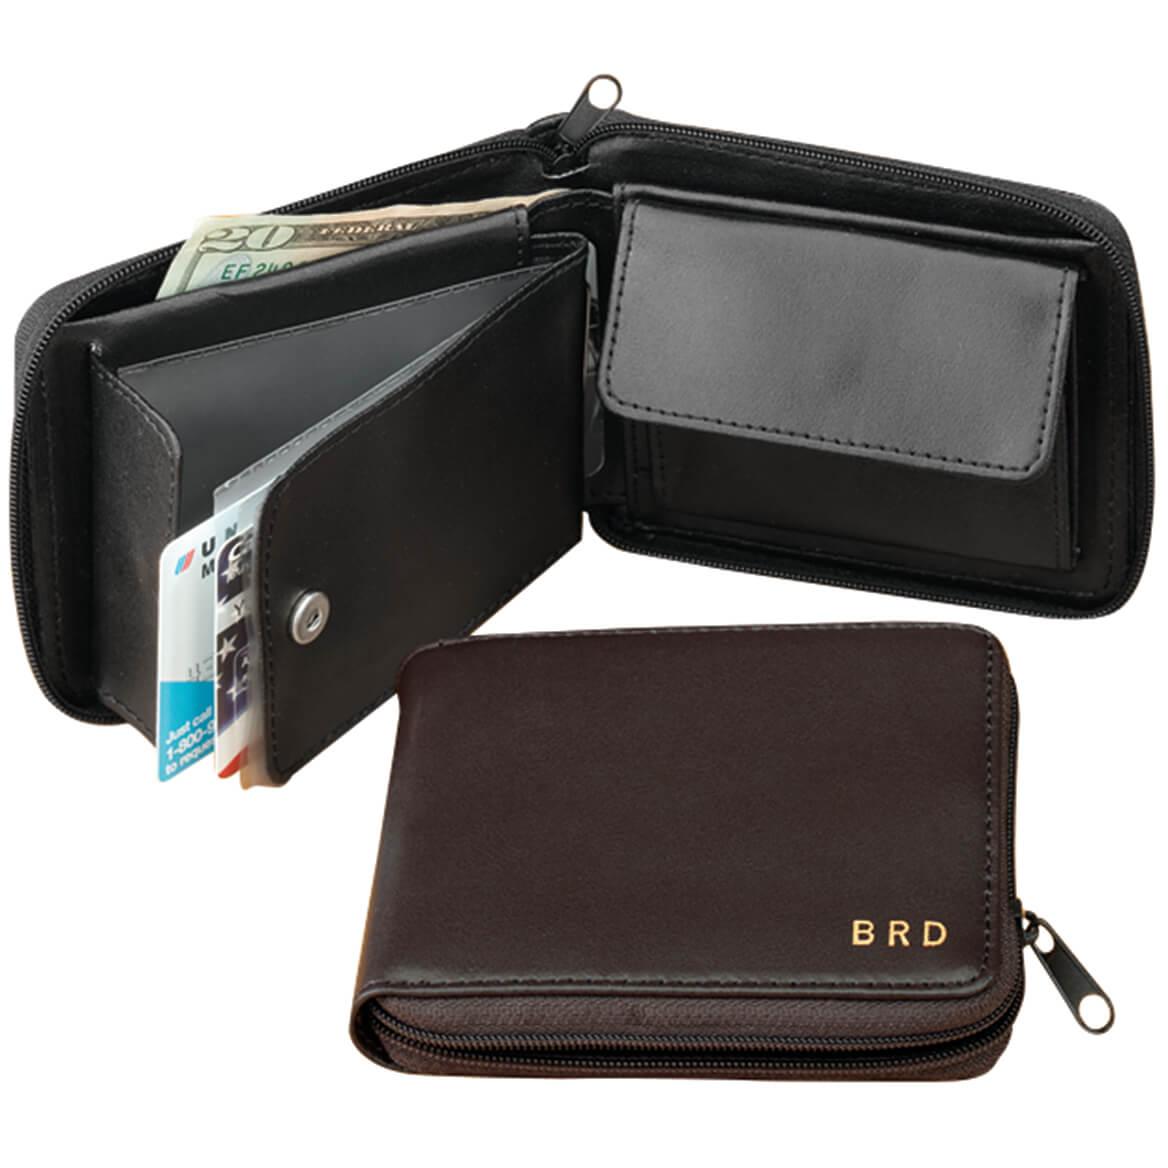 Leather Zipper Wallet-303263